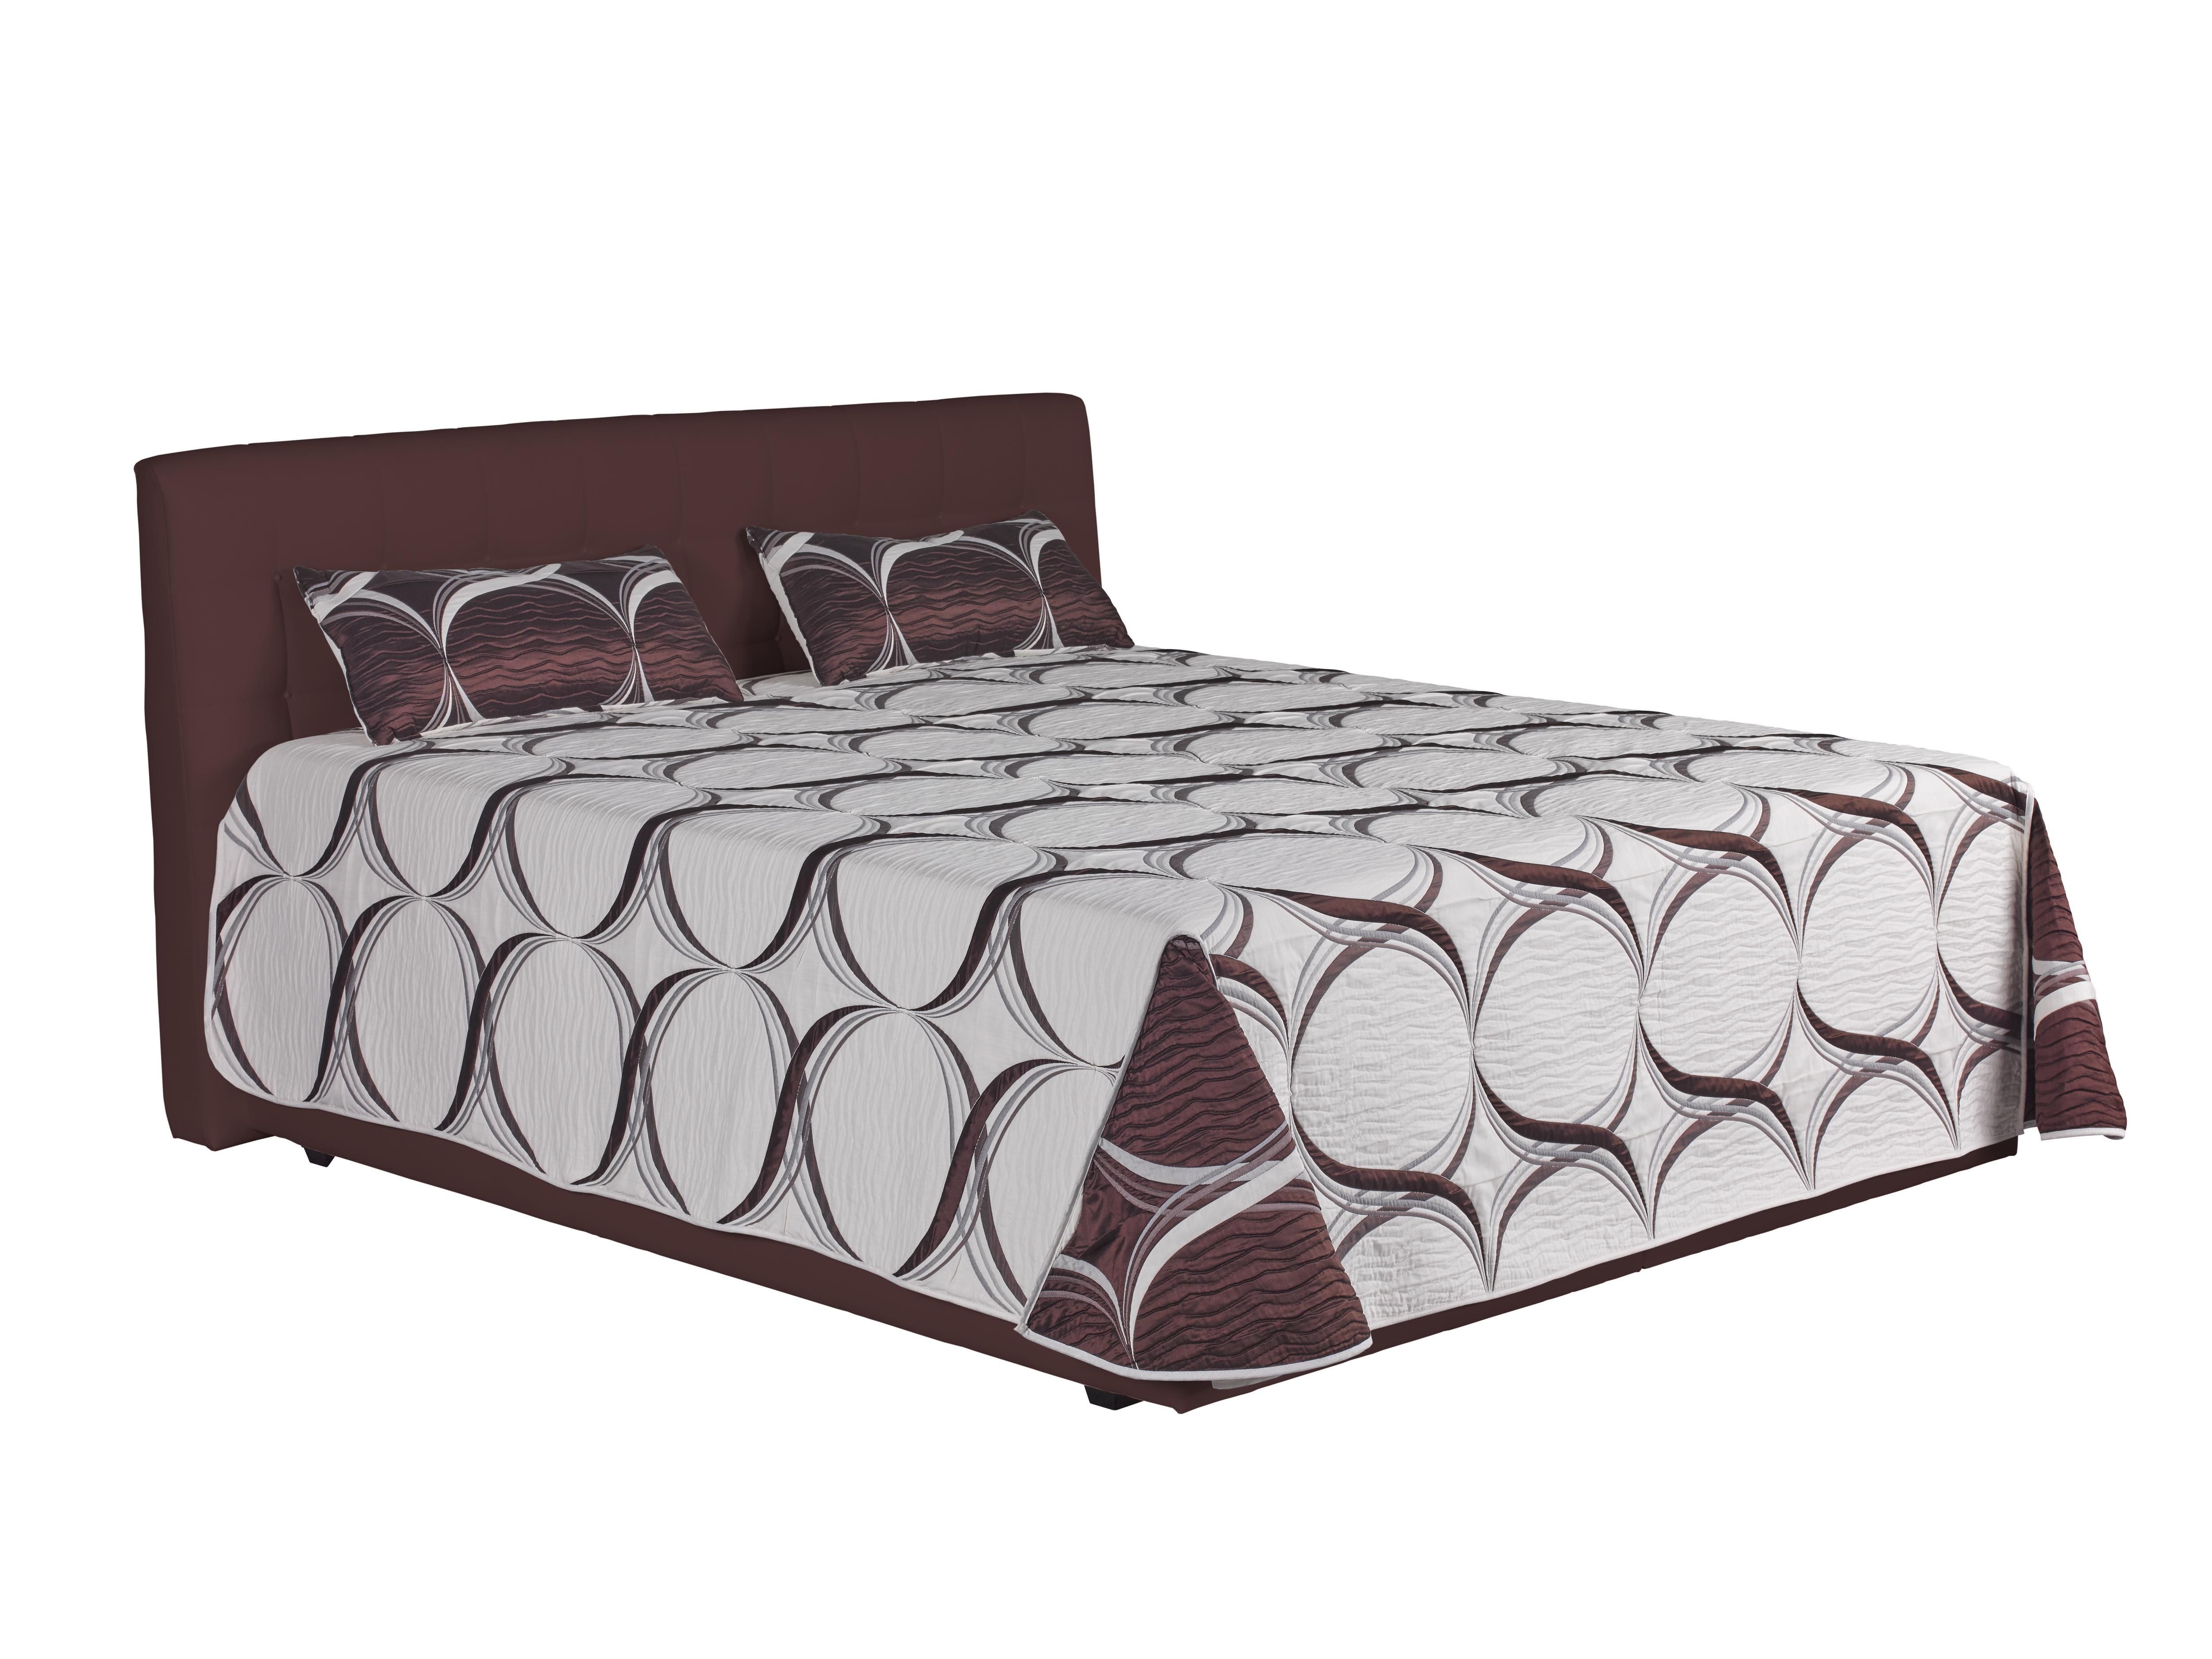 Manželská postel 160 cm - Blanár - Monaco (hnědá) (s roštem a matrací Nelly Plus)